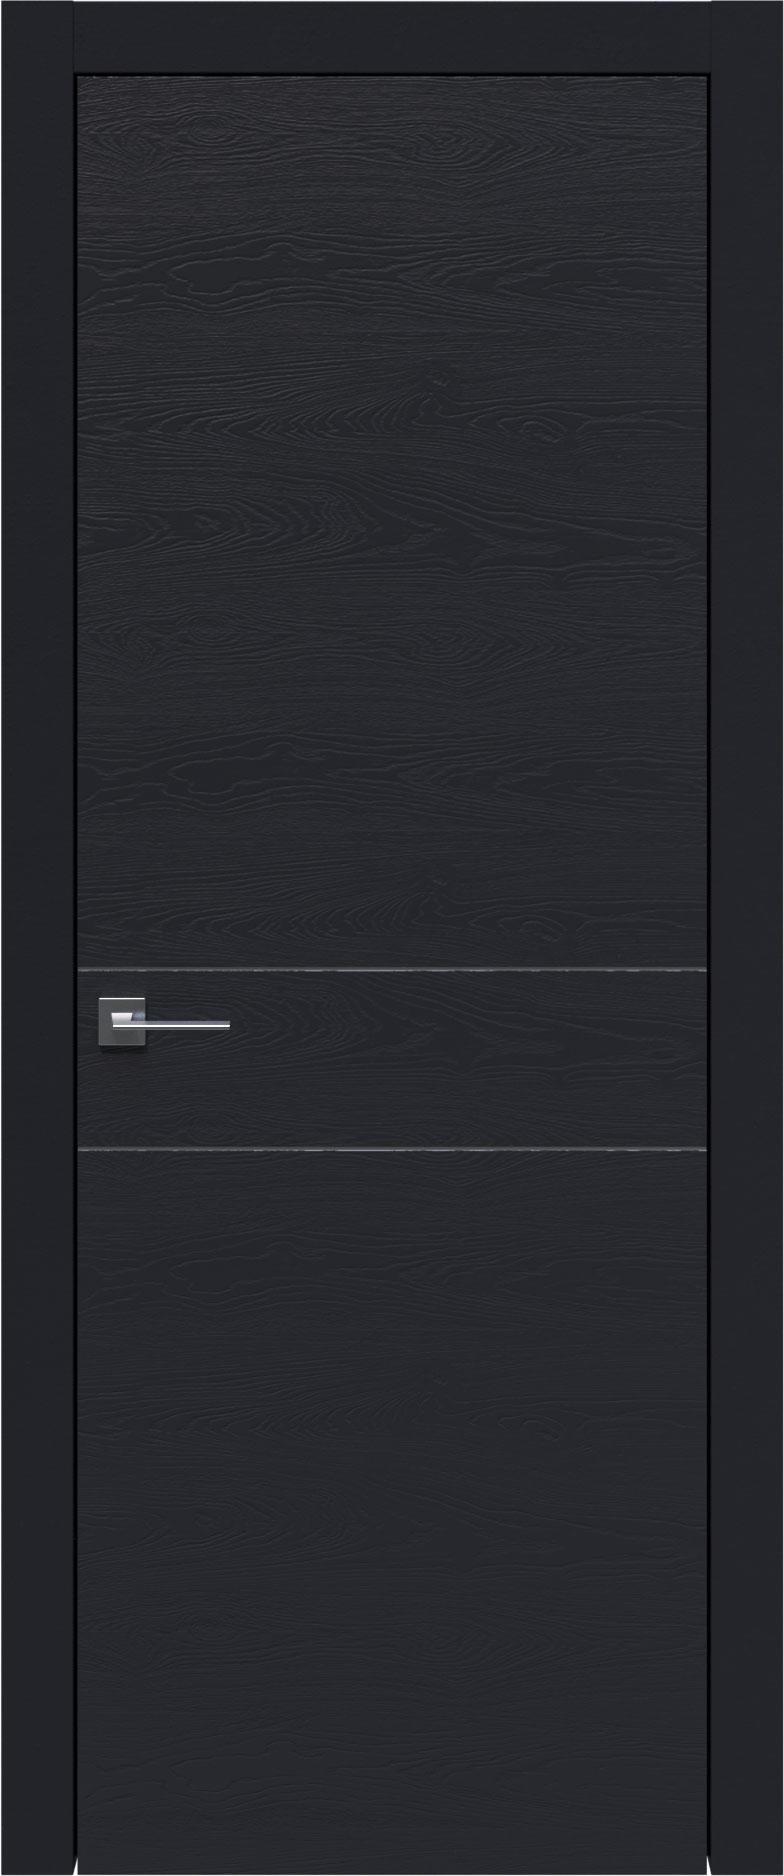 Tivoli И-2 цвет - Черная эмаль по шпону (RAL 9004) Без стекла (ДГ)